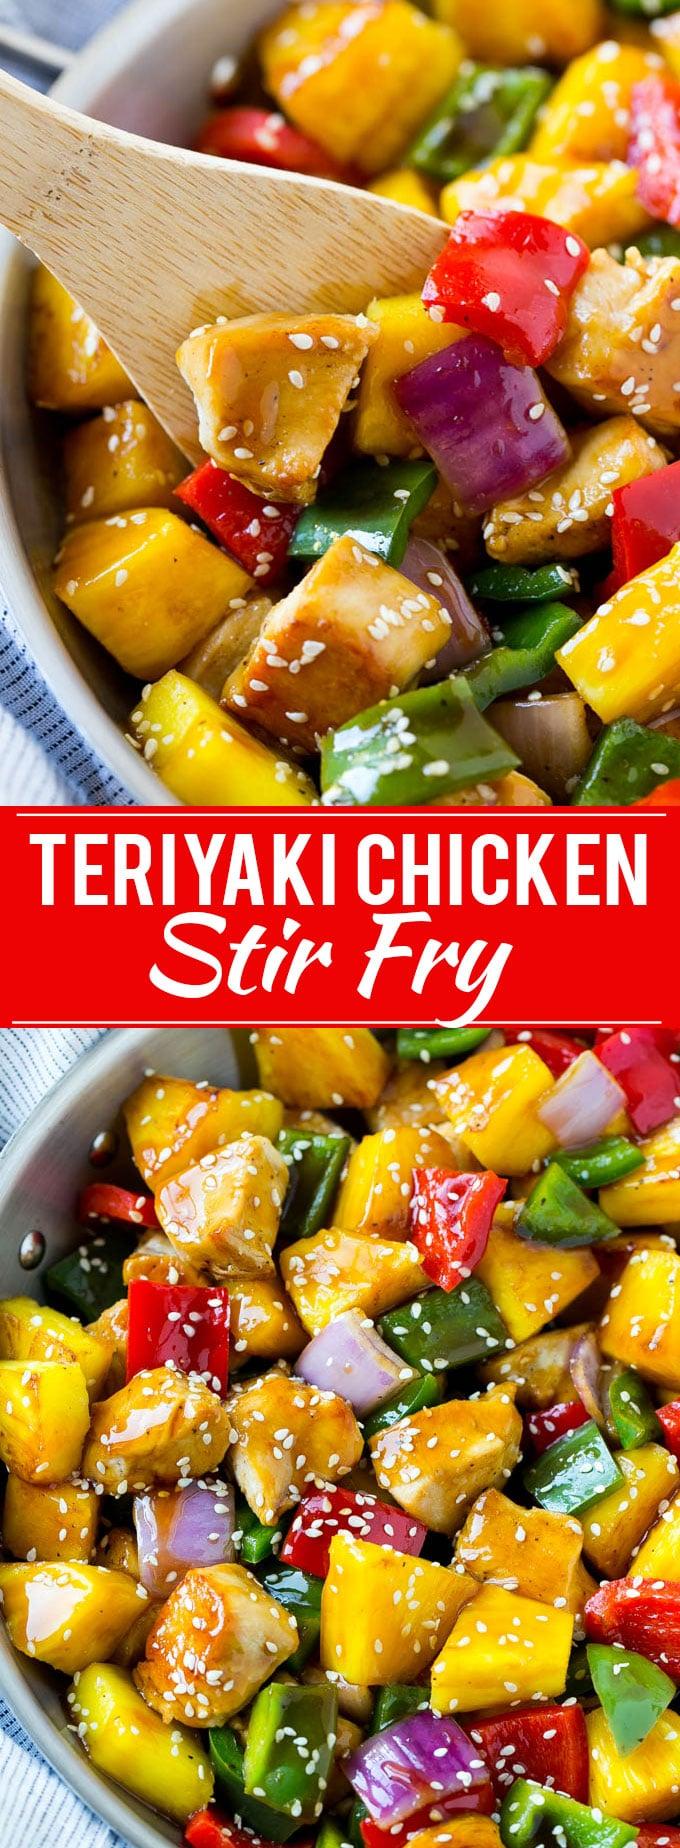 Teriyaki Chicken Stir Fry Recipe | Teriyaki Chicken | Chicken Stir Fry | Healthy Chicken Recipe